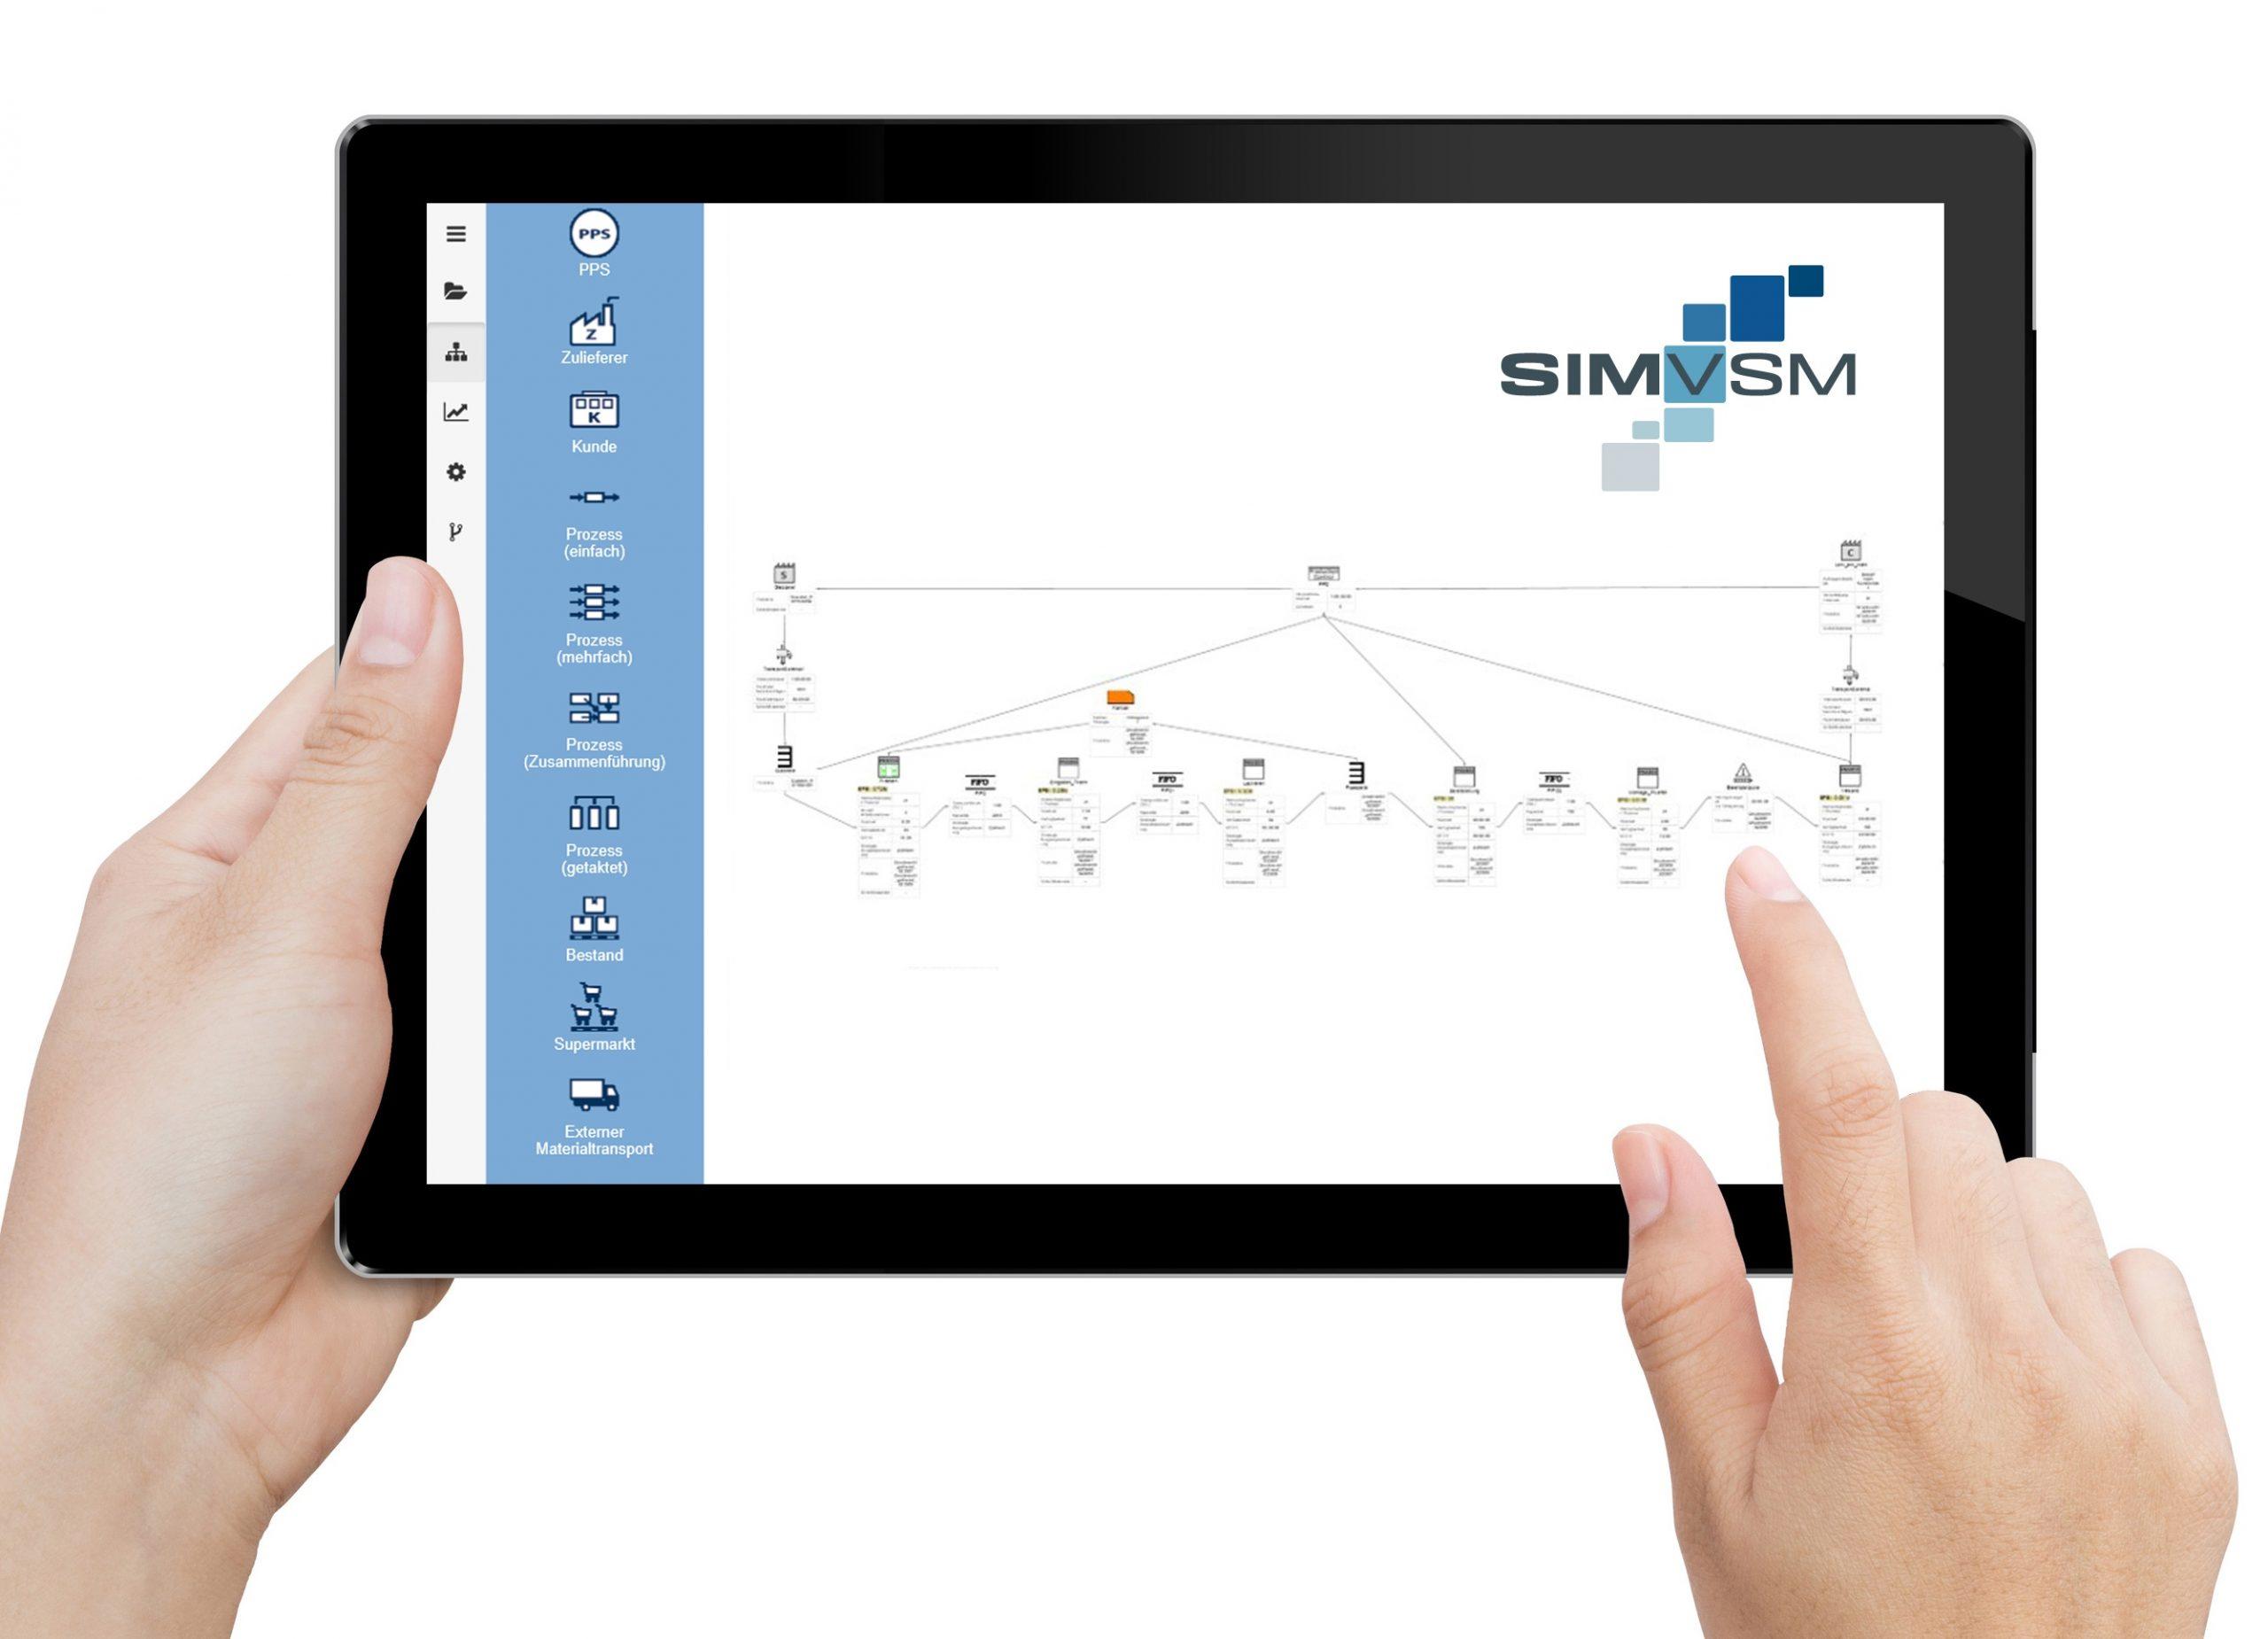 SimVSM Tablet